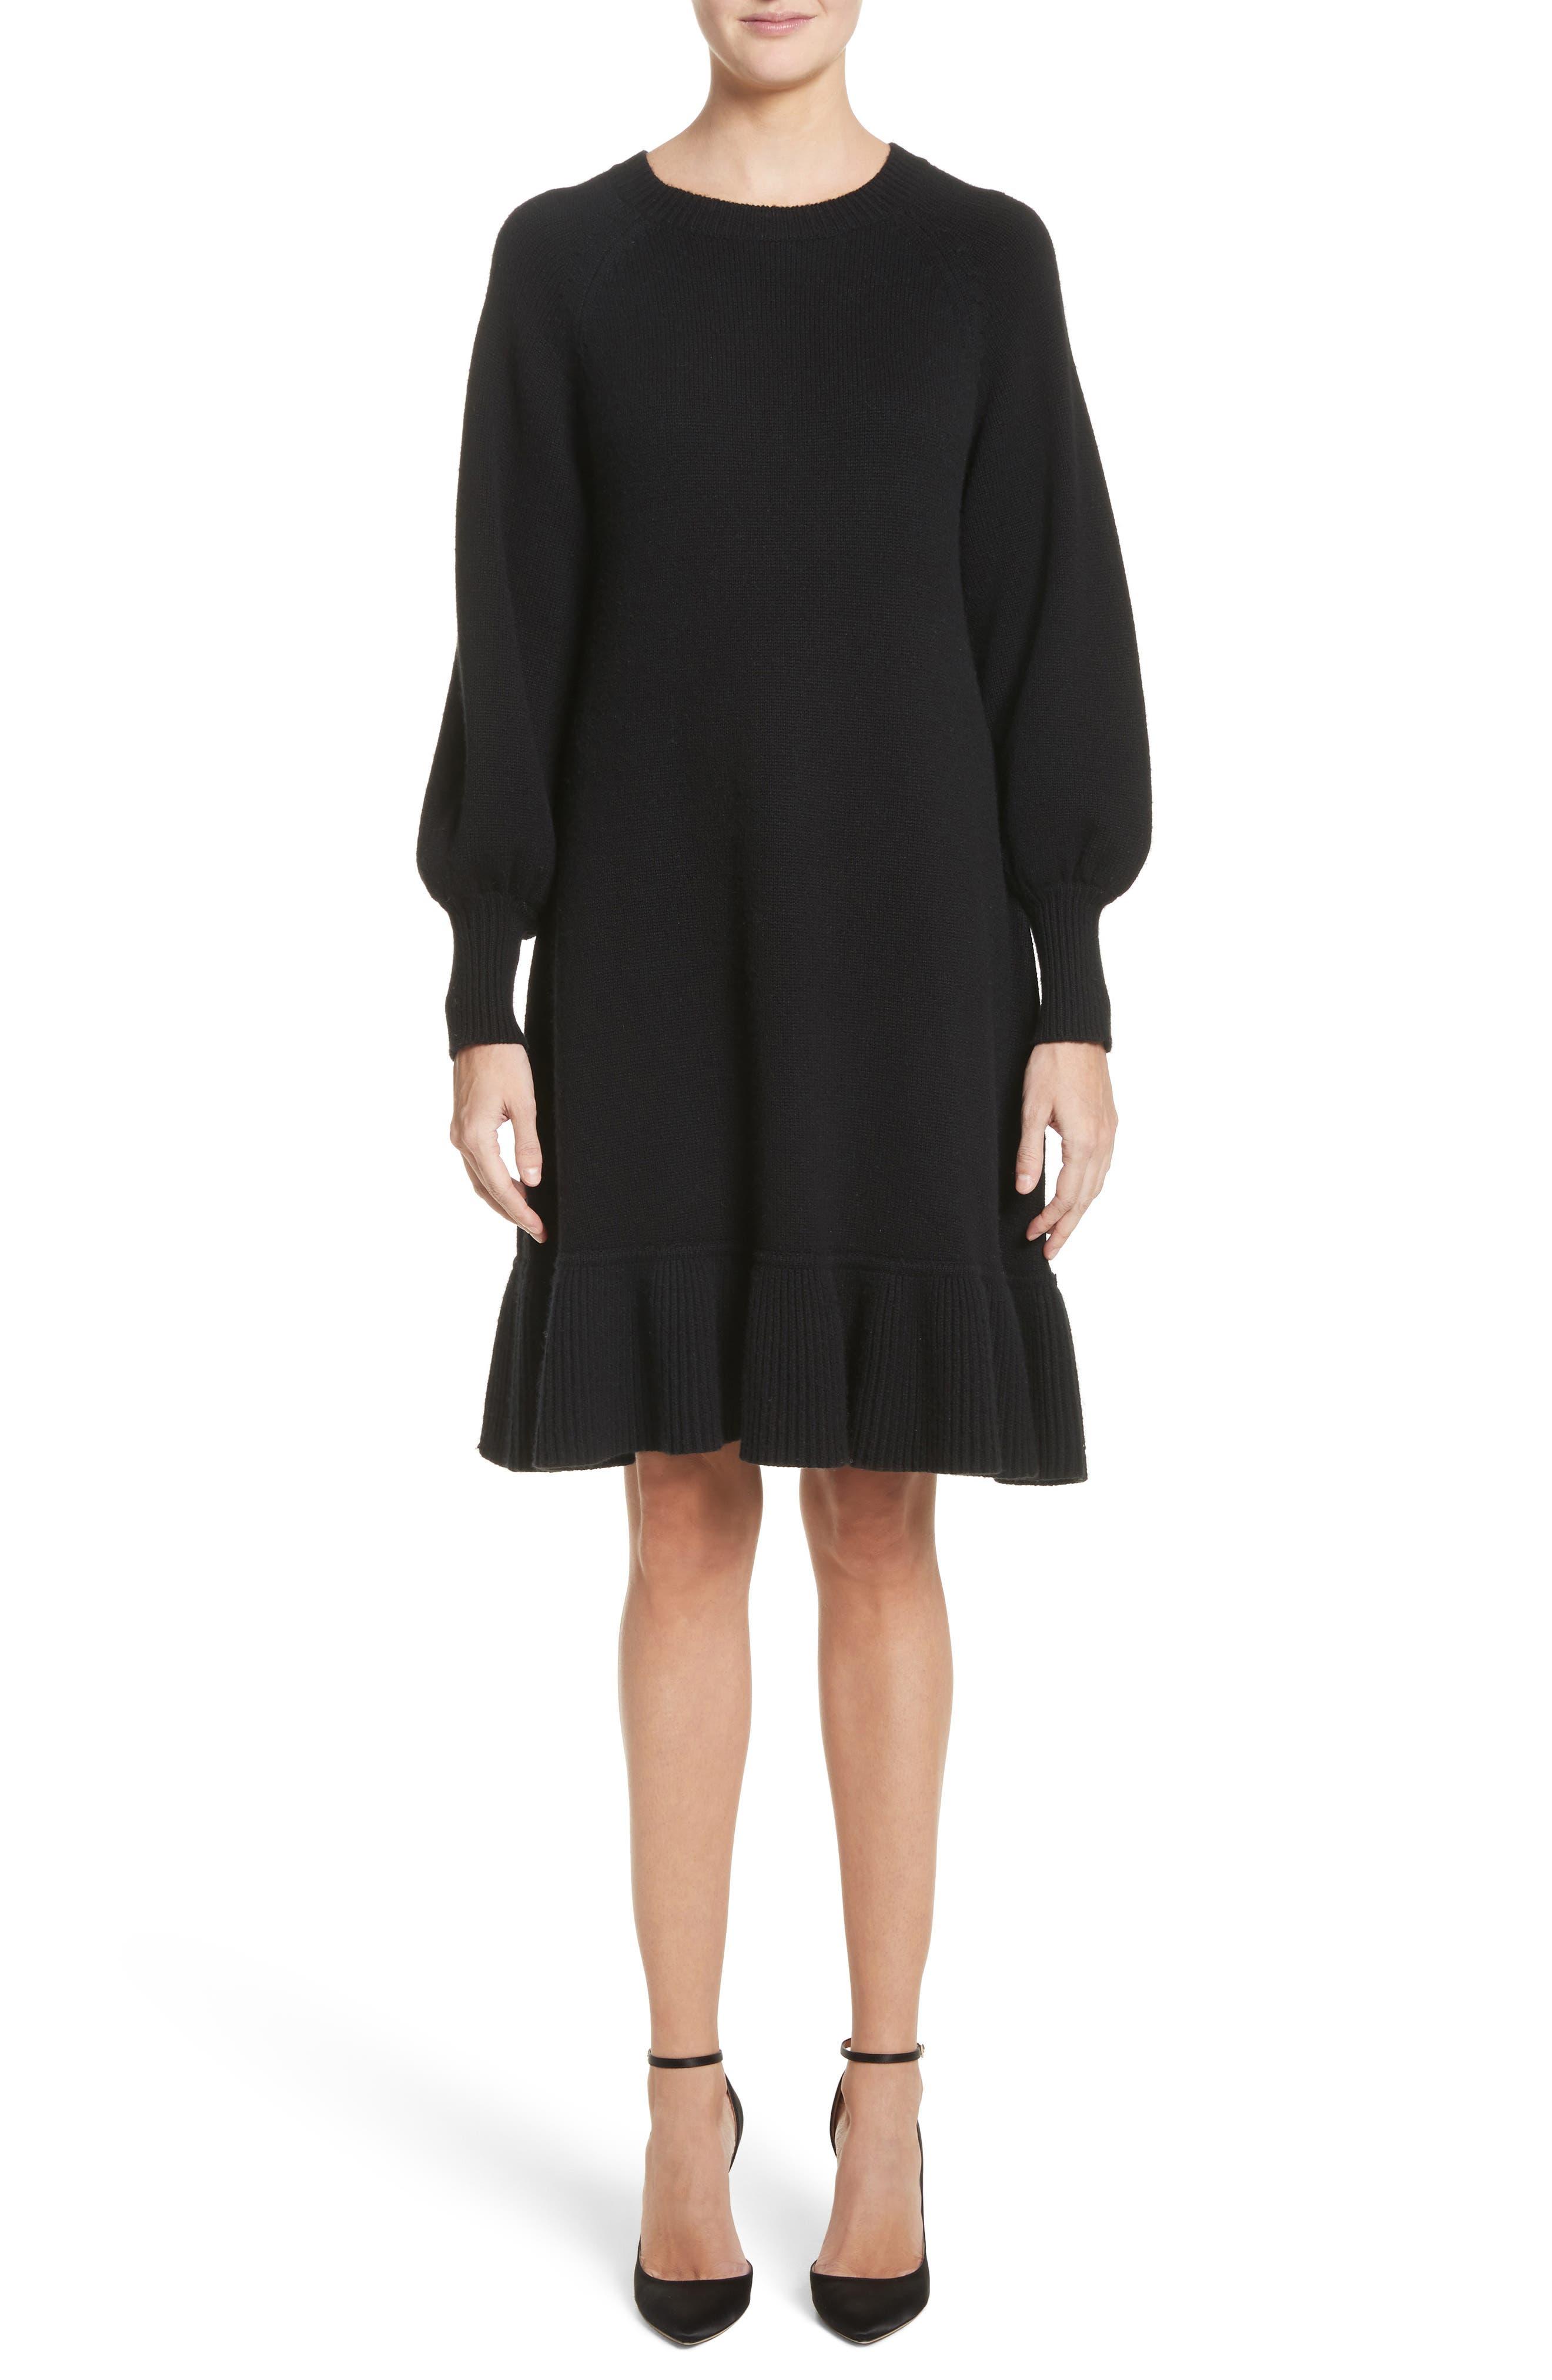 Co Ruffle Wool & Cashmere Sweater Dress